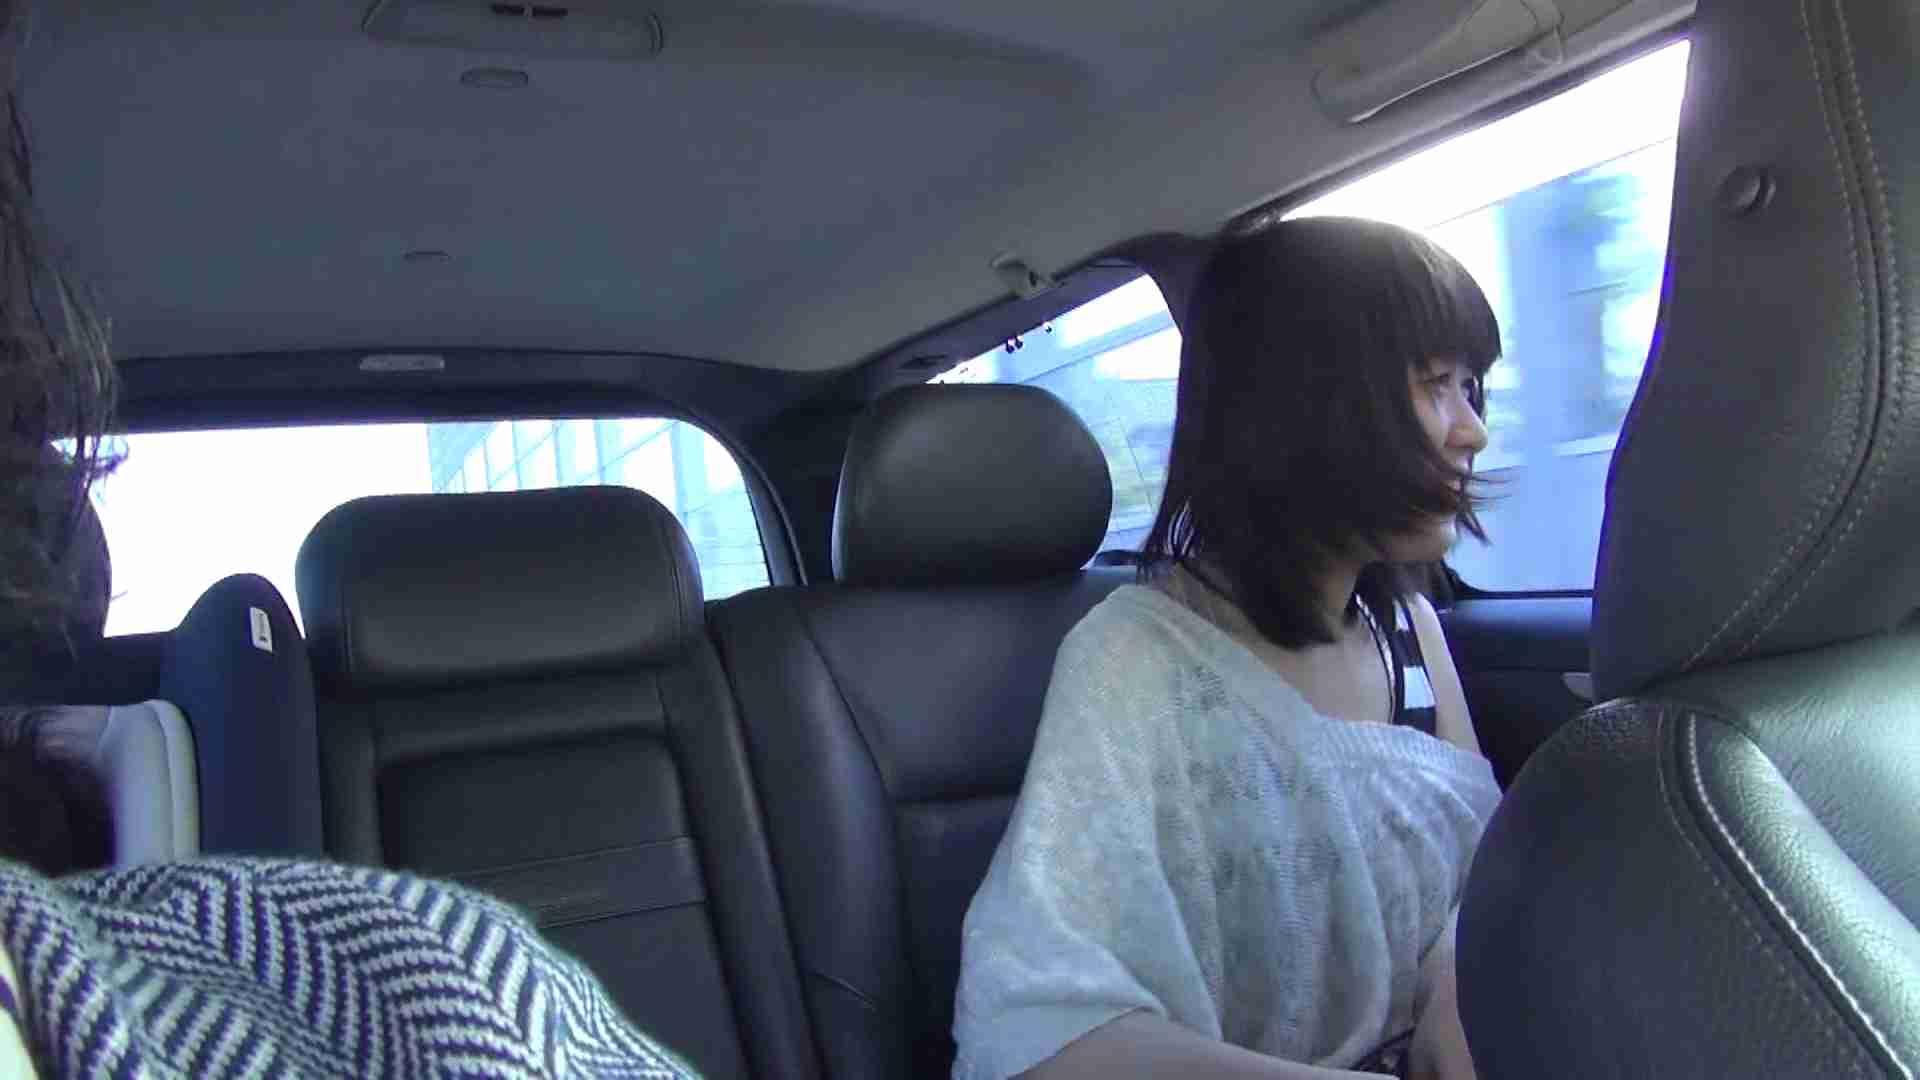 【母の時・01】インタビュー→とびっこ 覗き | 盗撮  64PIX 45